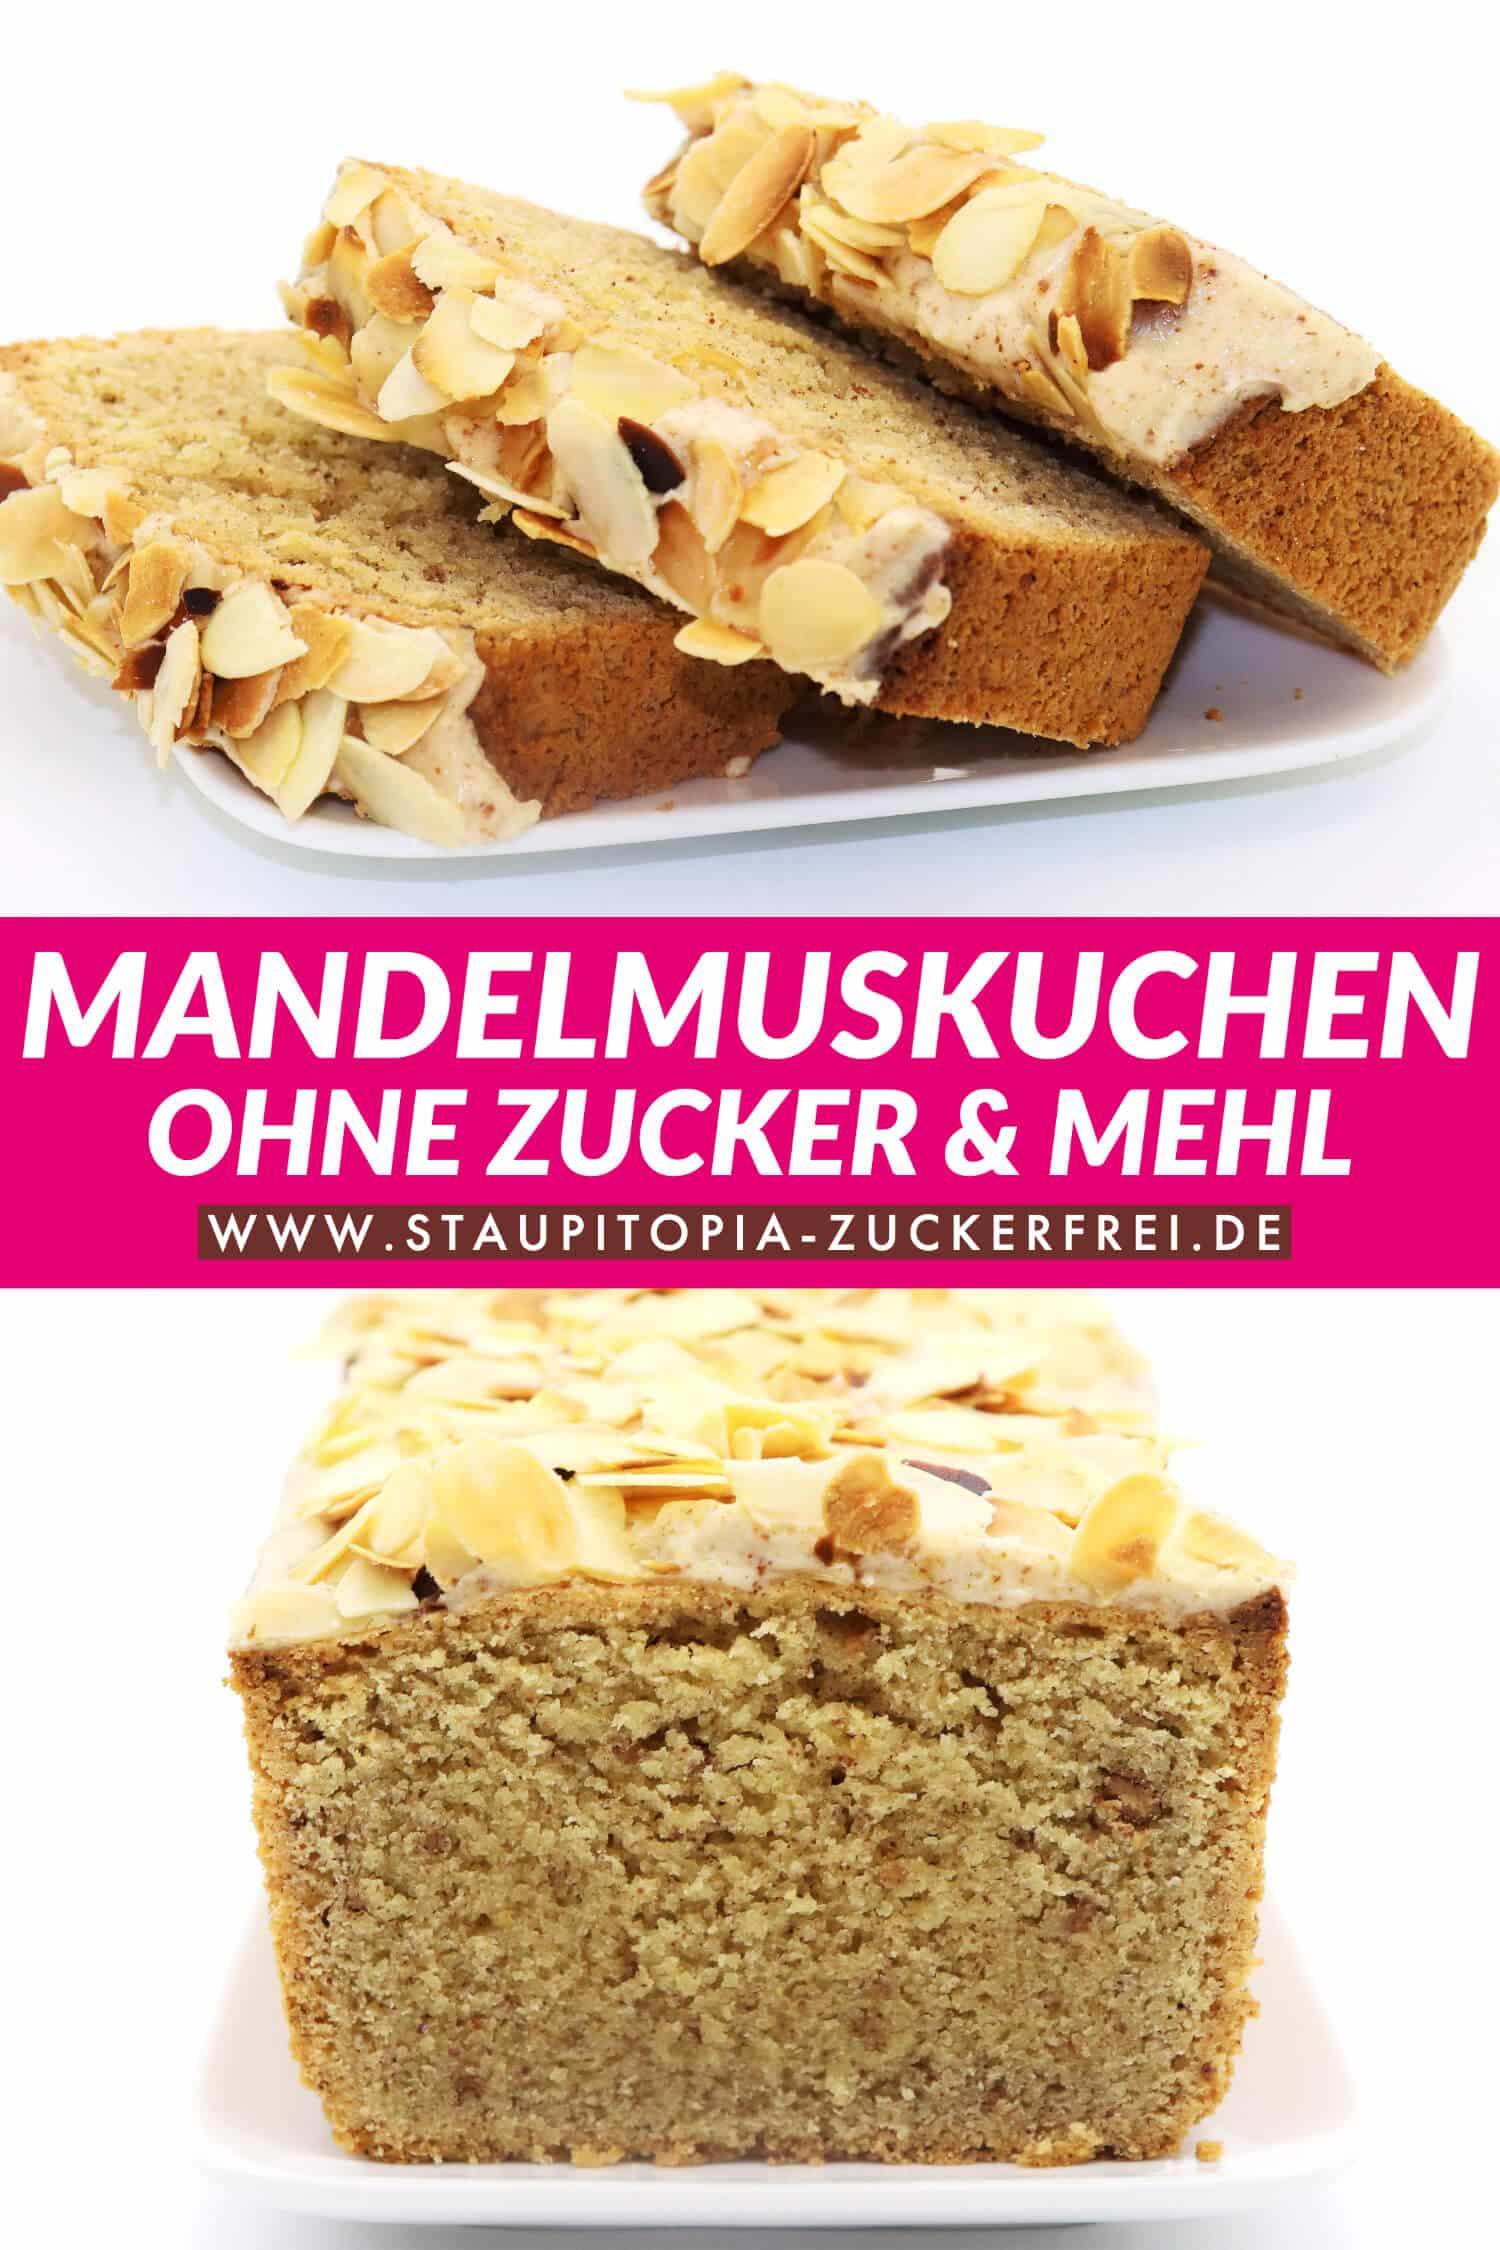 Mandelmuskuchen - Der Kuchen mit Mandelmus